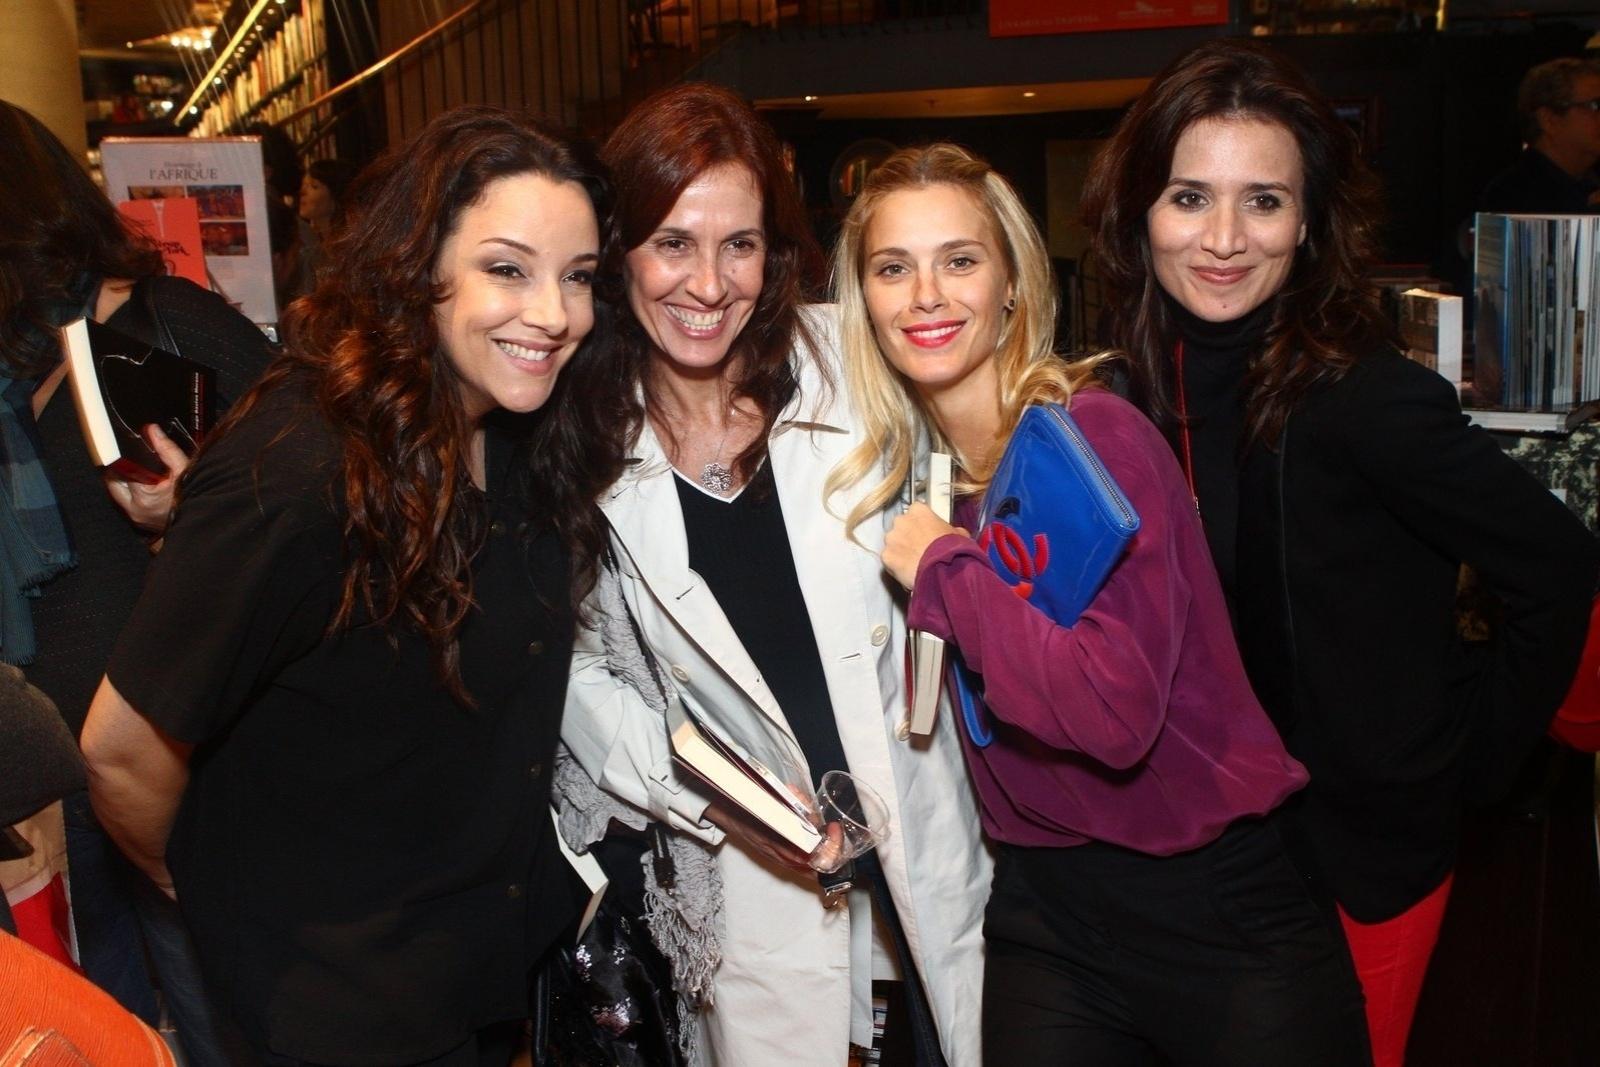 5.ago.2013 - Ana Carolina, Flora Gil, Carolina Dieckmann e Chiara Civello posam juntas na sessão de autógrafos do livro